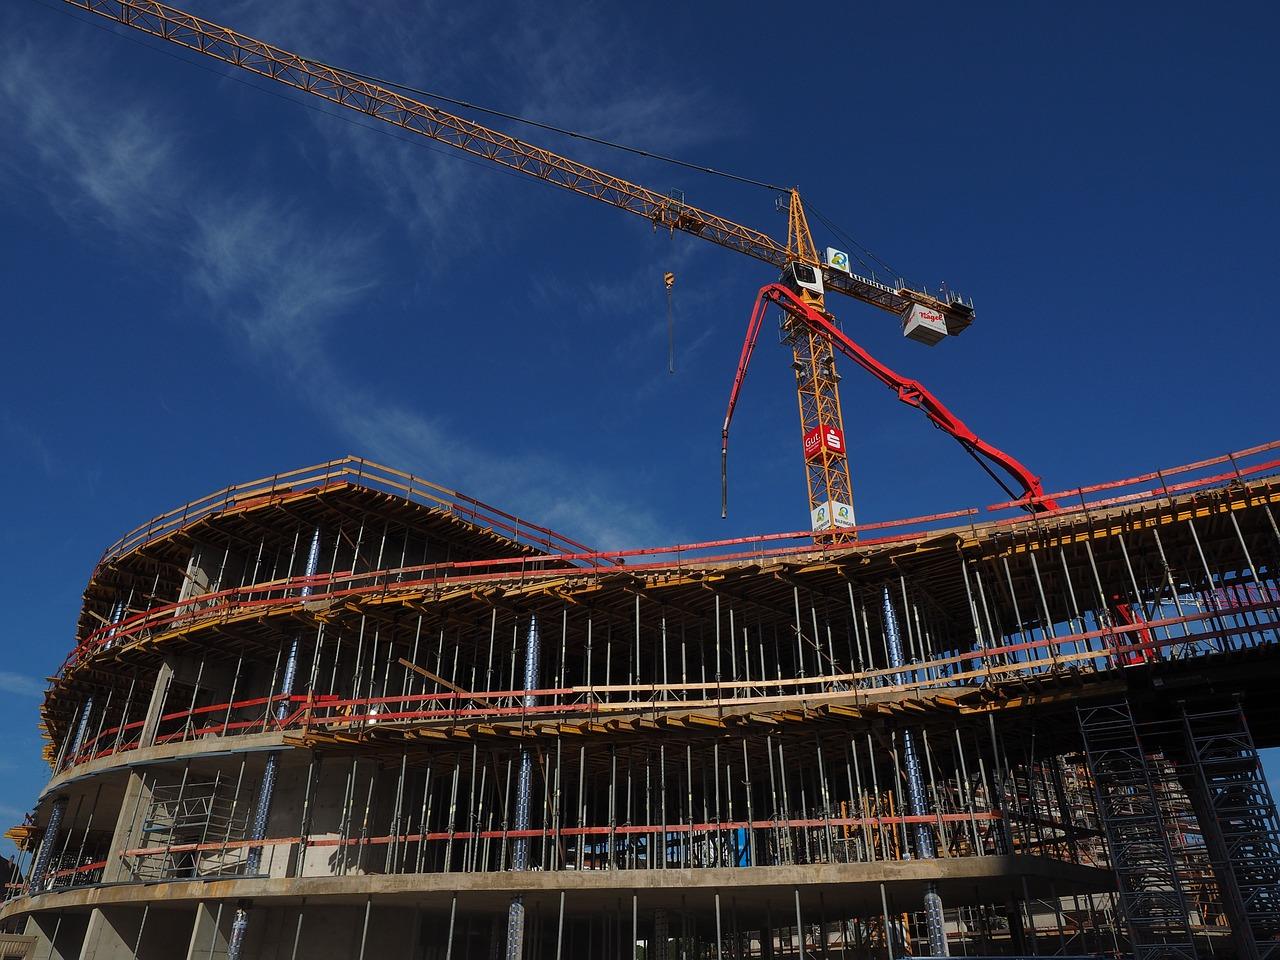 Глава Самары разрешила «Кошелеву» строительство апарт-отеля у Волги